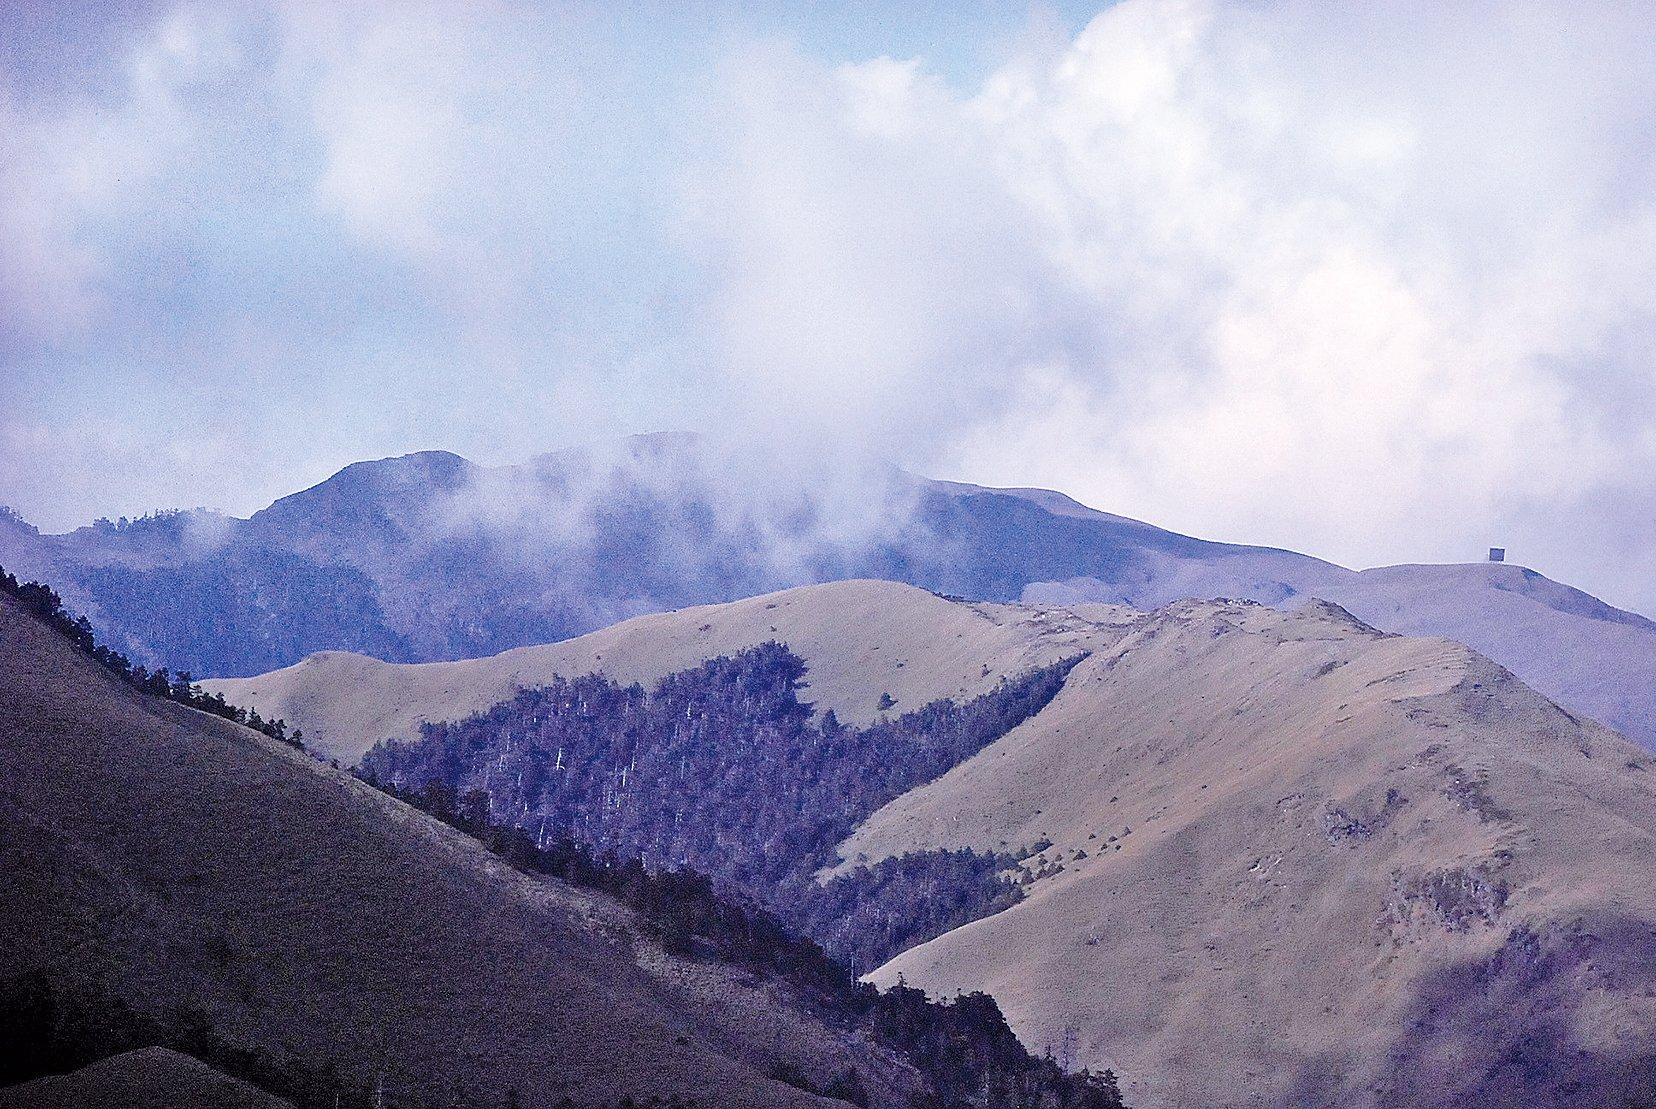 觀賞雲霧及山色變化也是享受。